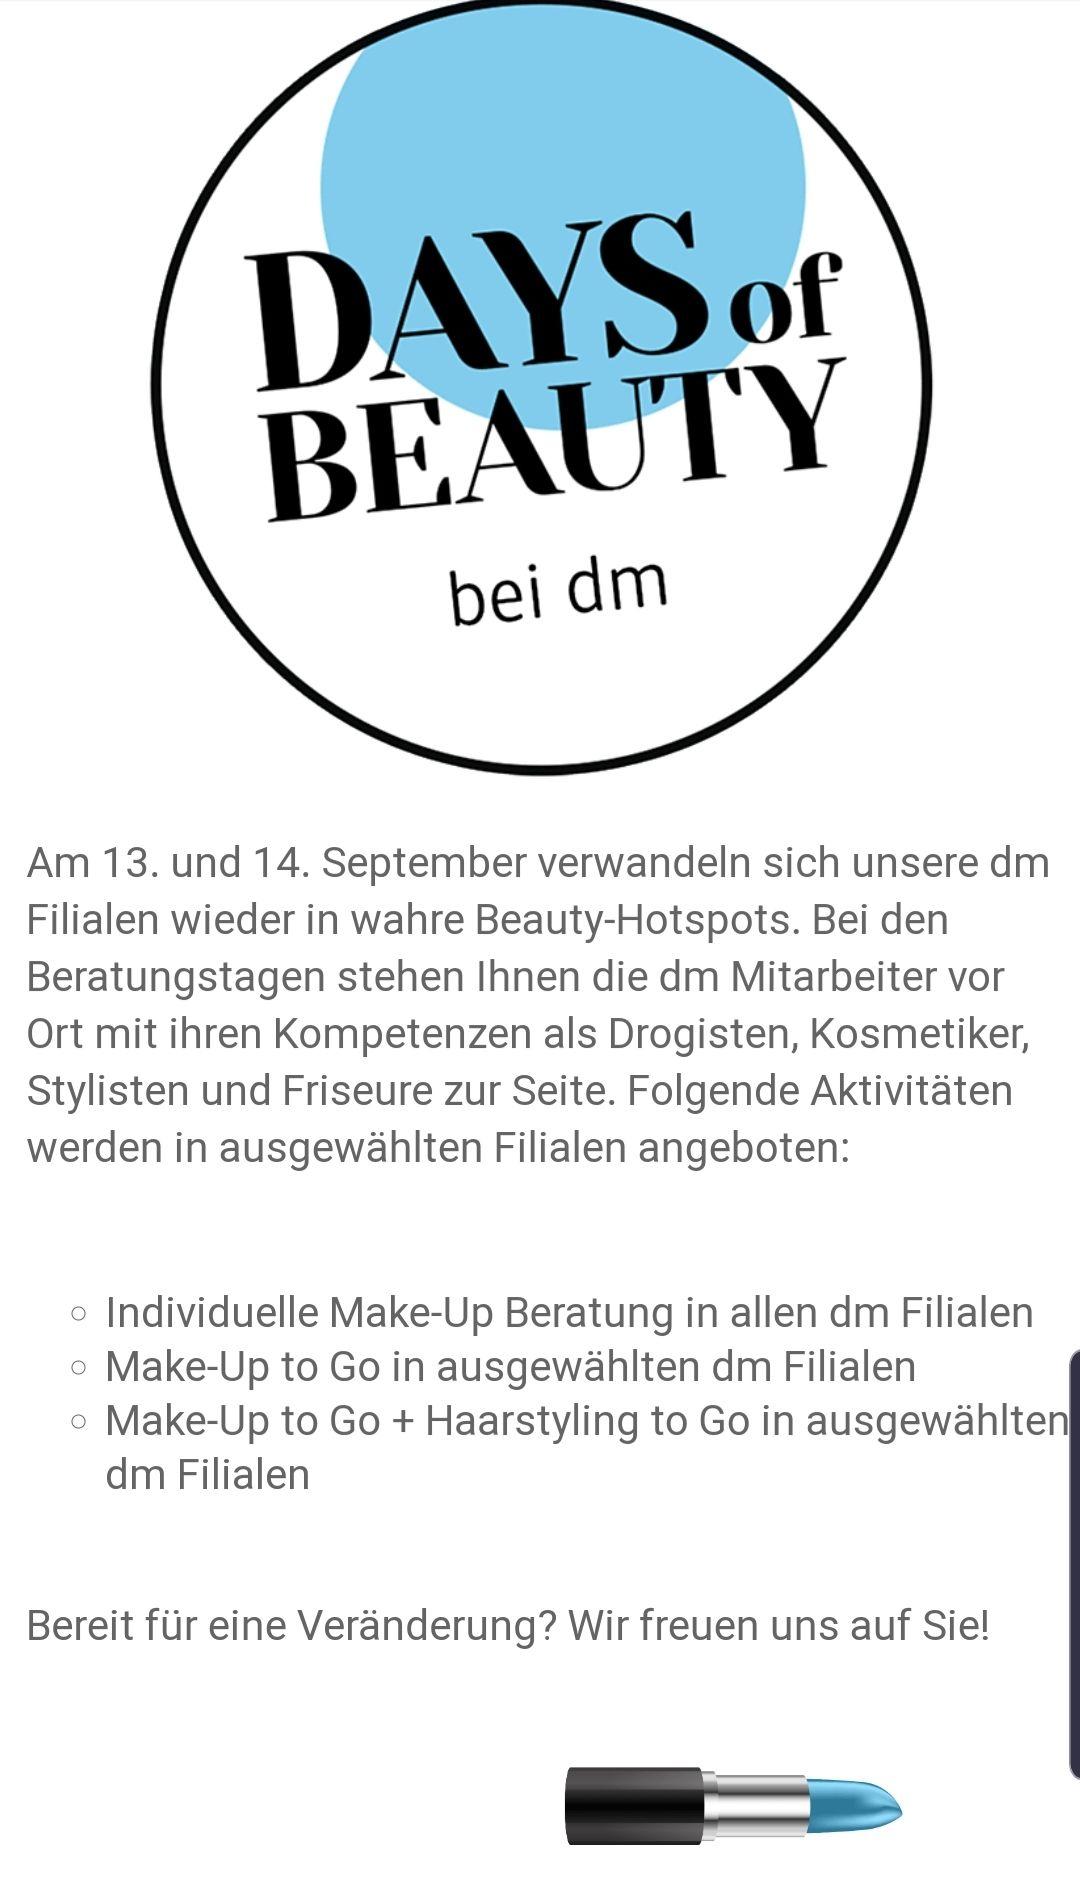 Days of Beauty bei dm